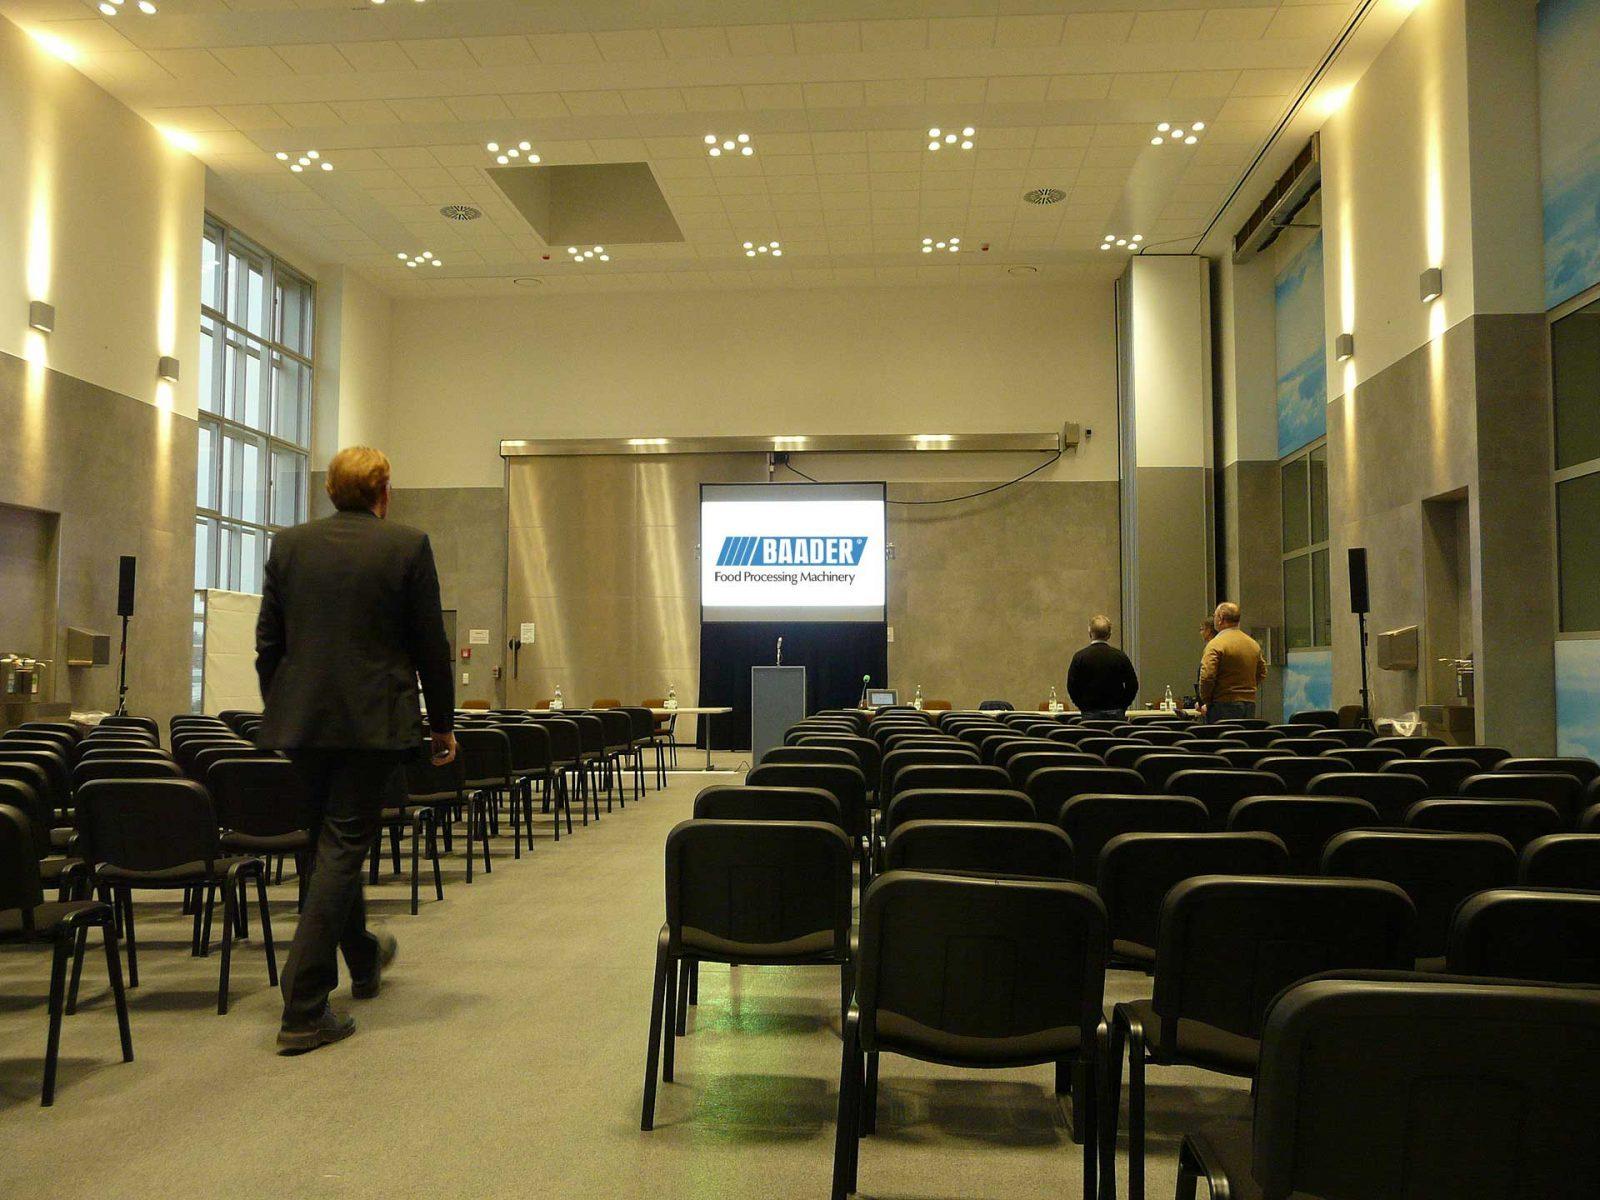 Tafeslichttaugliche Großbildprojektion in einer Halle mit großen Glasflächen.